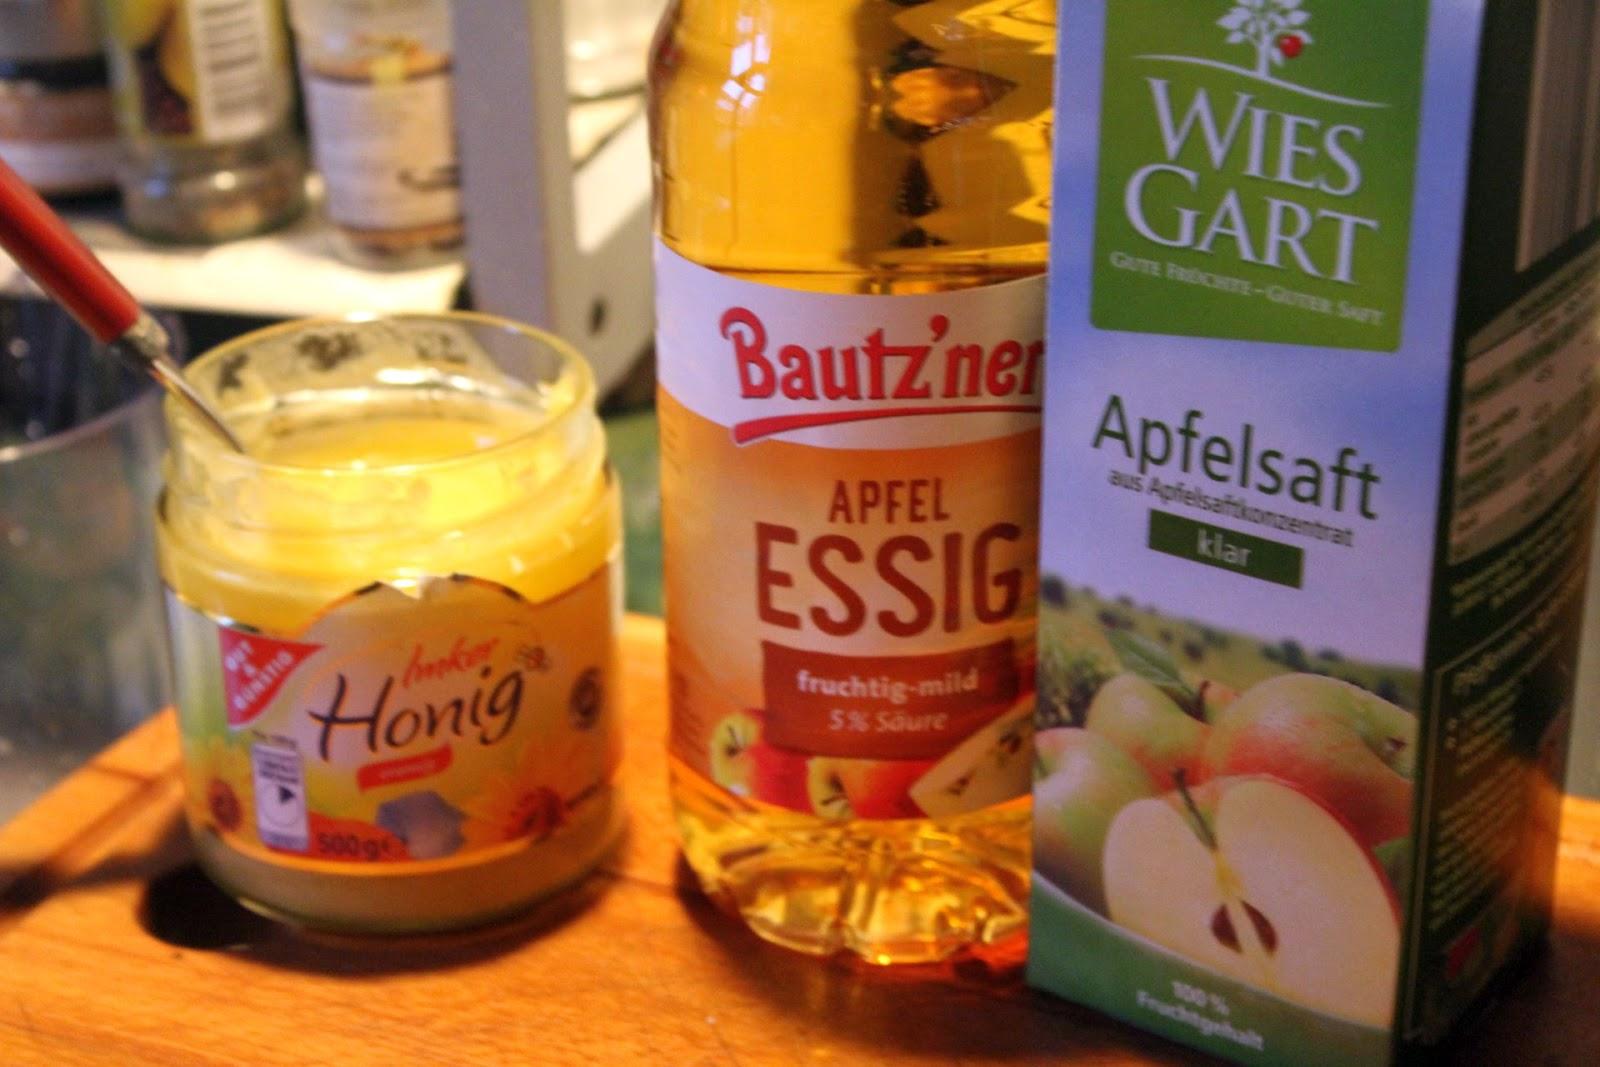 Etwas Neues genug Apfelreduktion aus Apfelsaft und Apfelessig – glatzkoch.de #OL_89